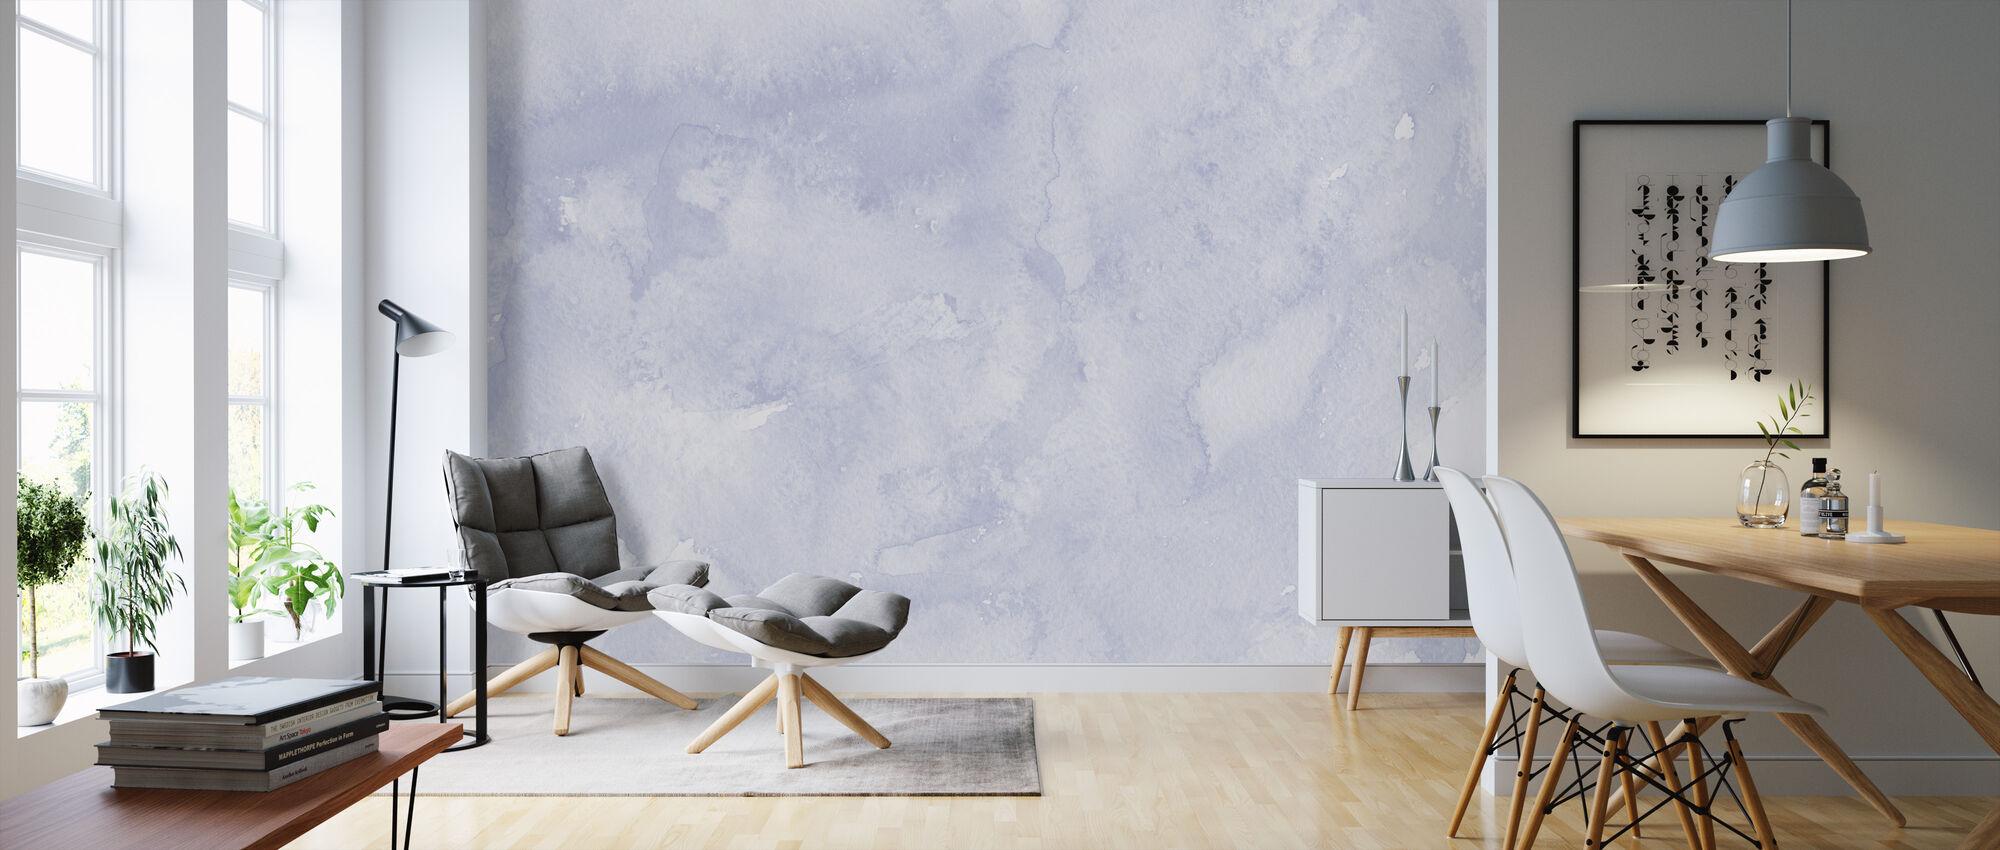 Akvarel Minimalisme XV - Tapet - Stue